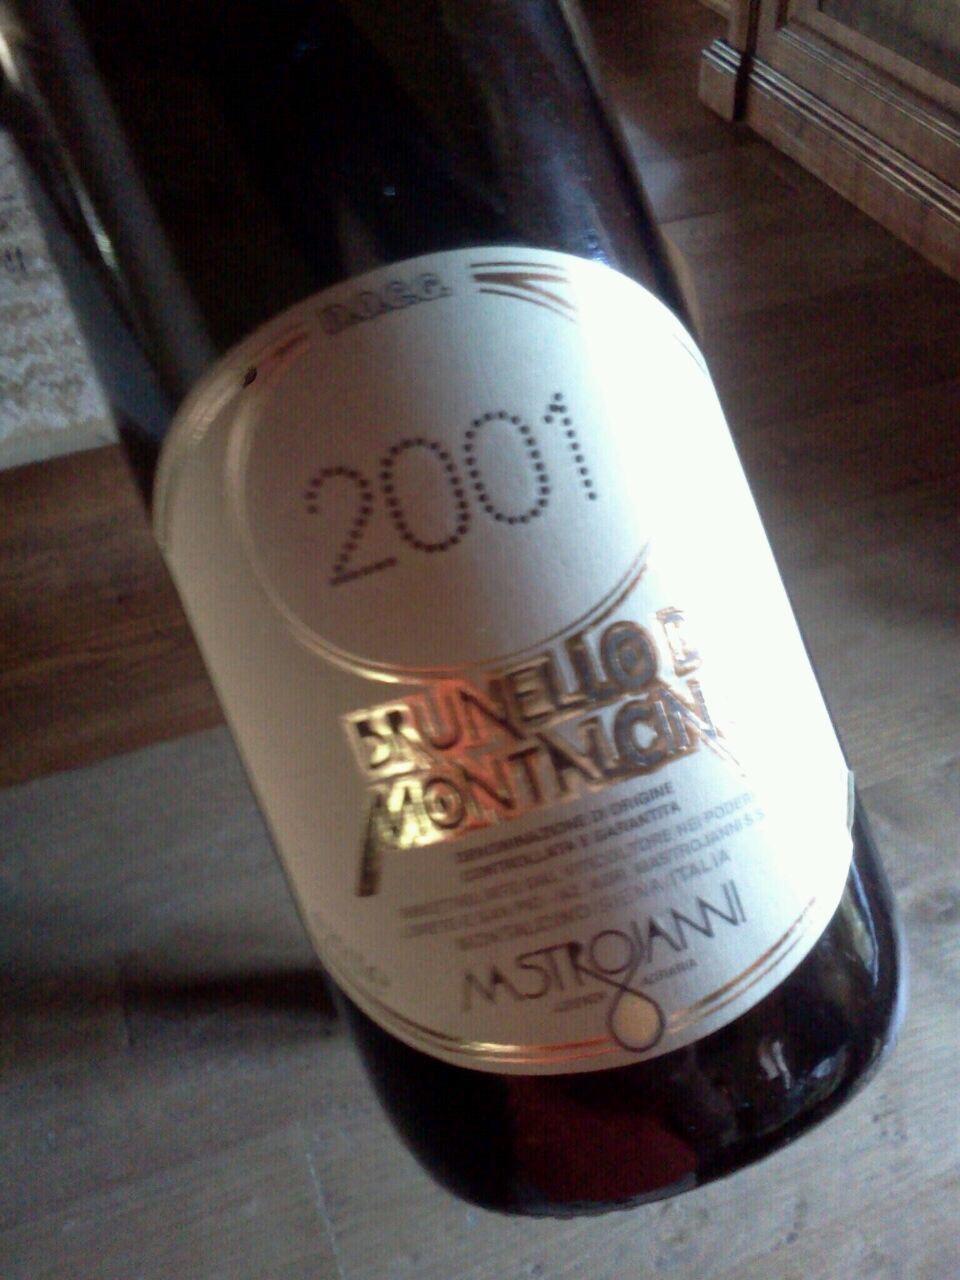 Brunello di Montalcino DOCG 2001 – Mastrojanni